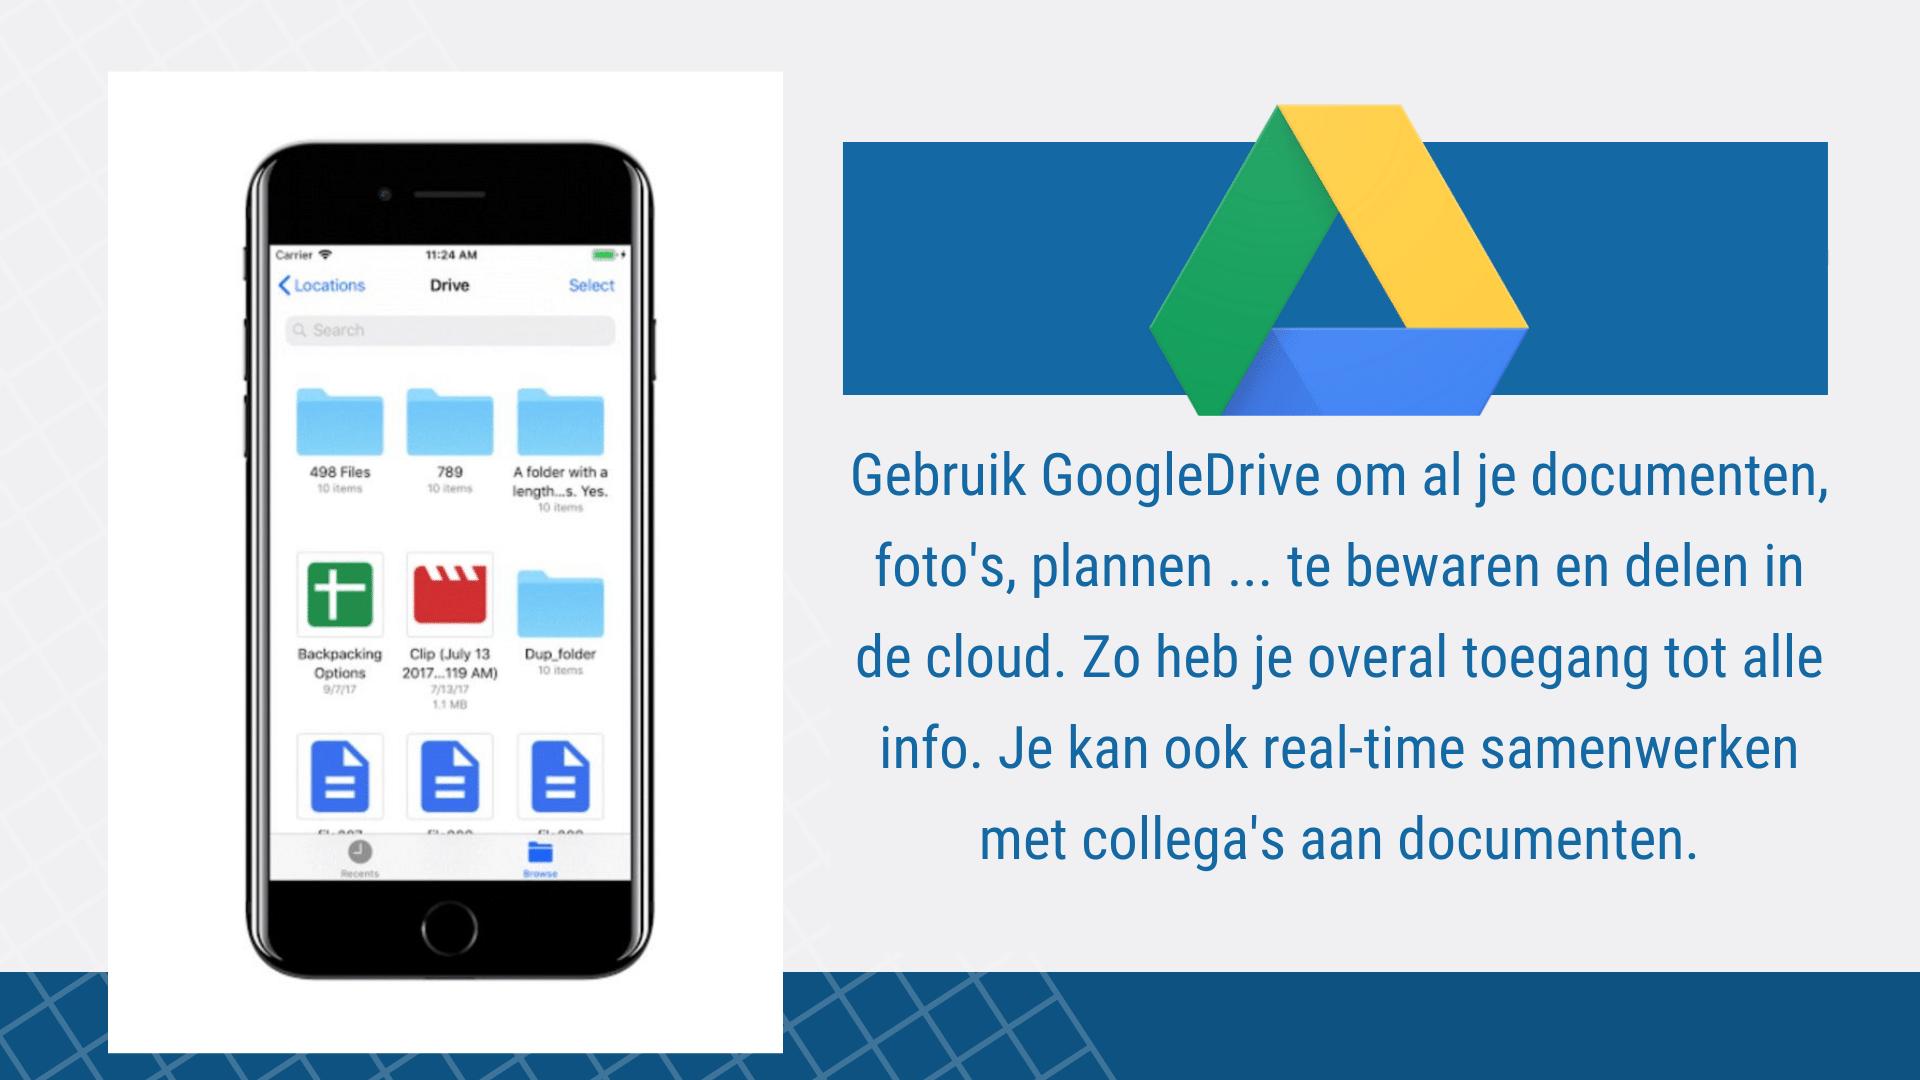 17 Eenvoudige Gratis Apps voor de Bouw - GoogleDrive | ArchiSnapper